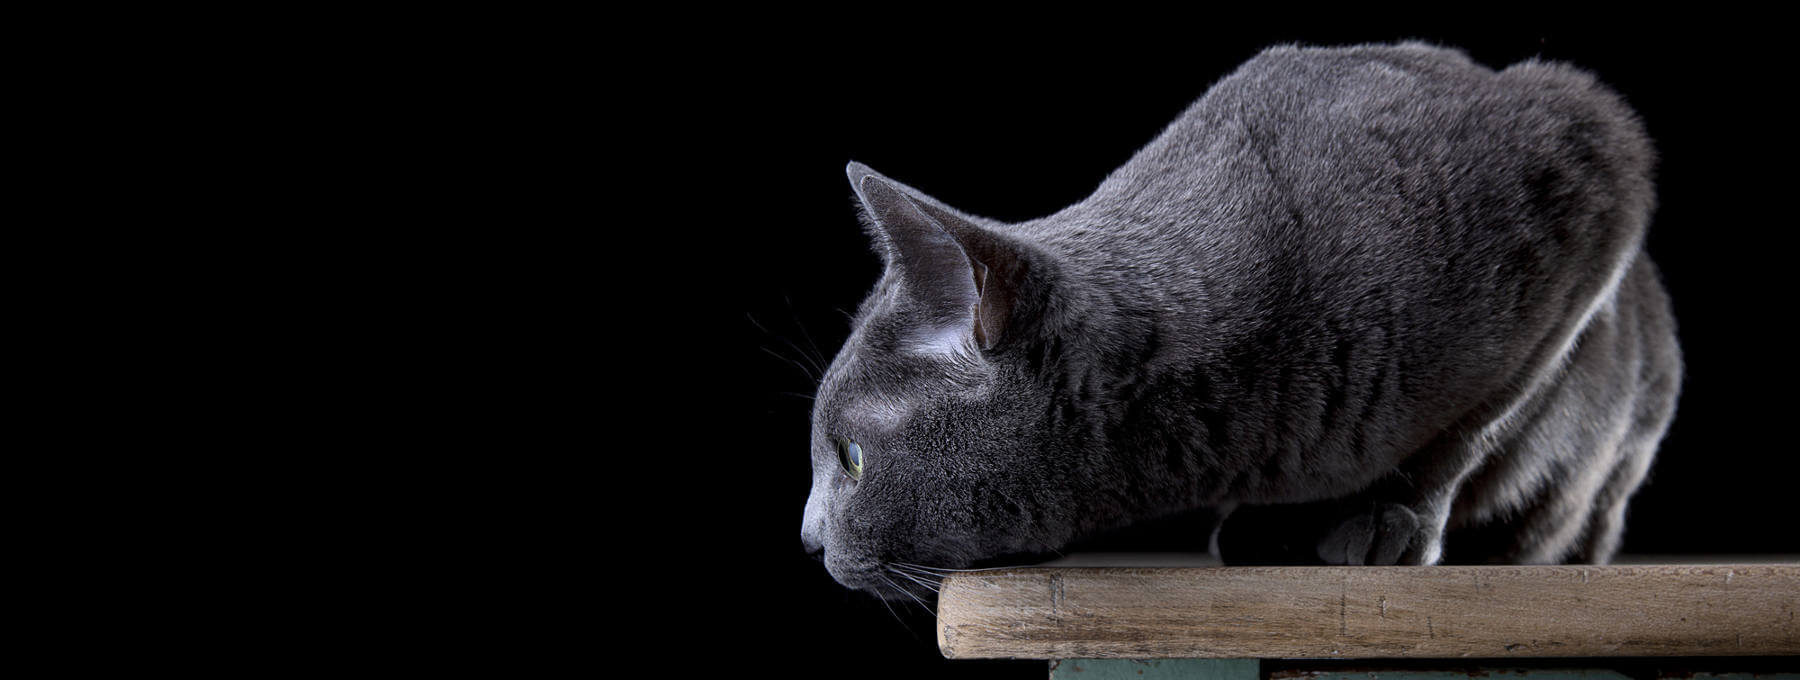 veterinaria-gato